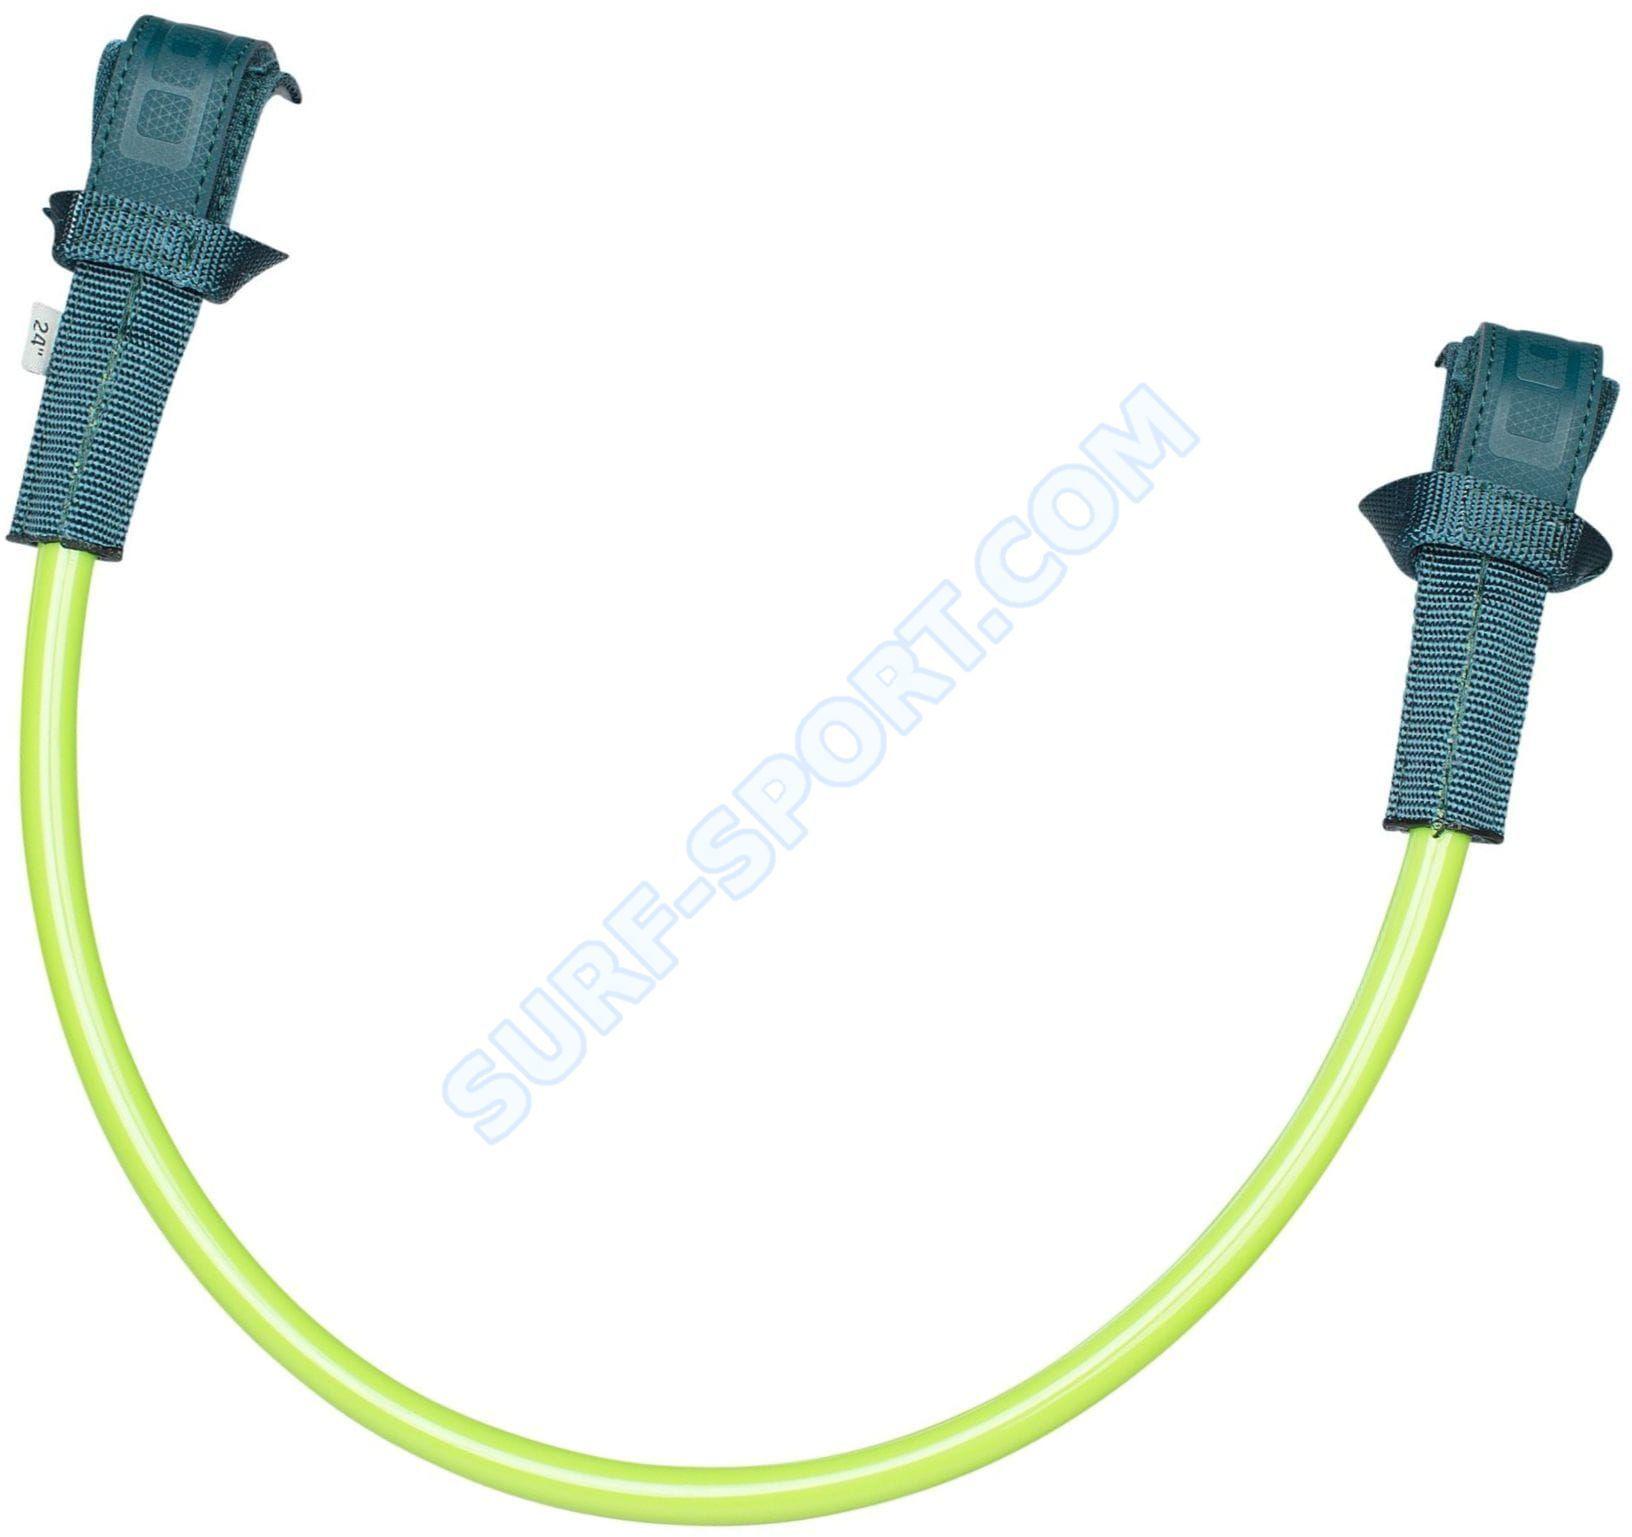 Linki Trapezowe Ion Fix Pro Petrol-Stałe -Szybki Montaż